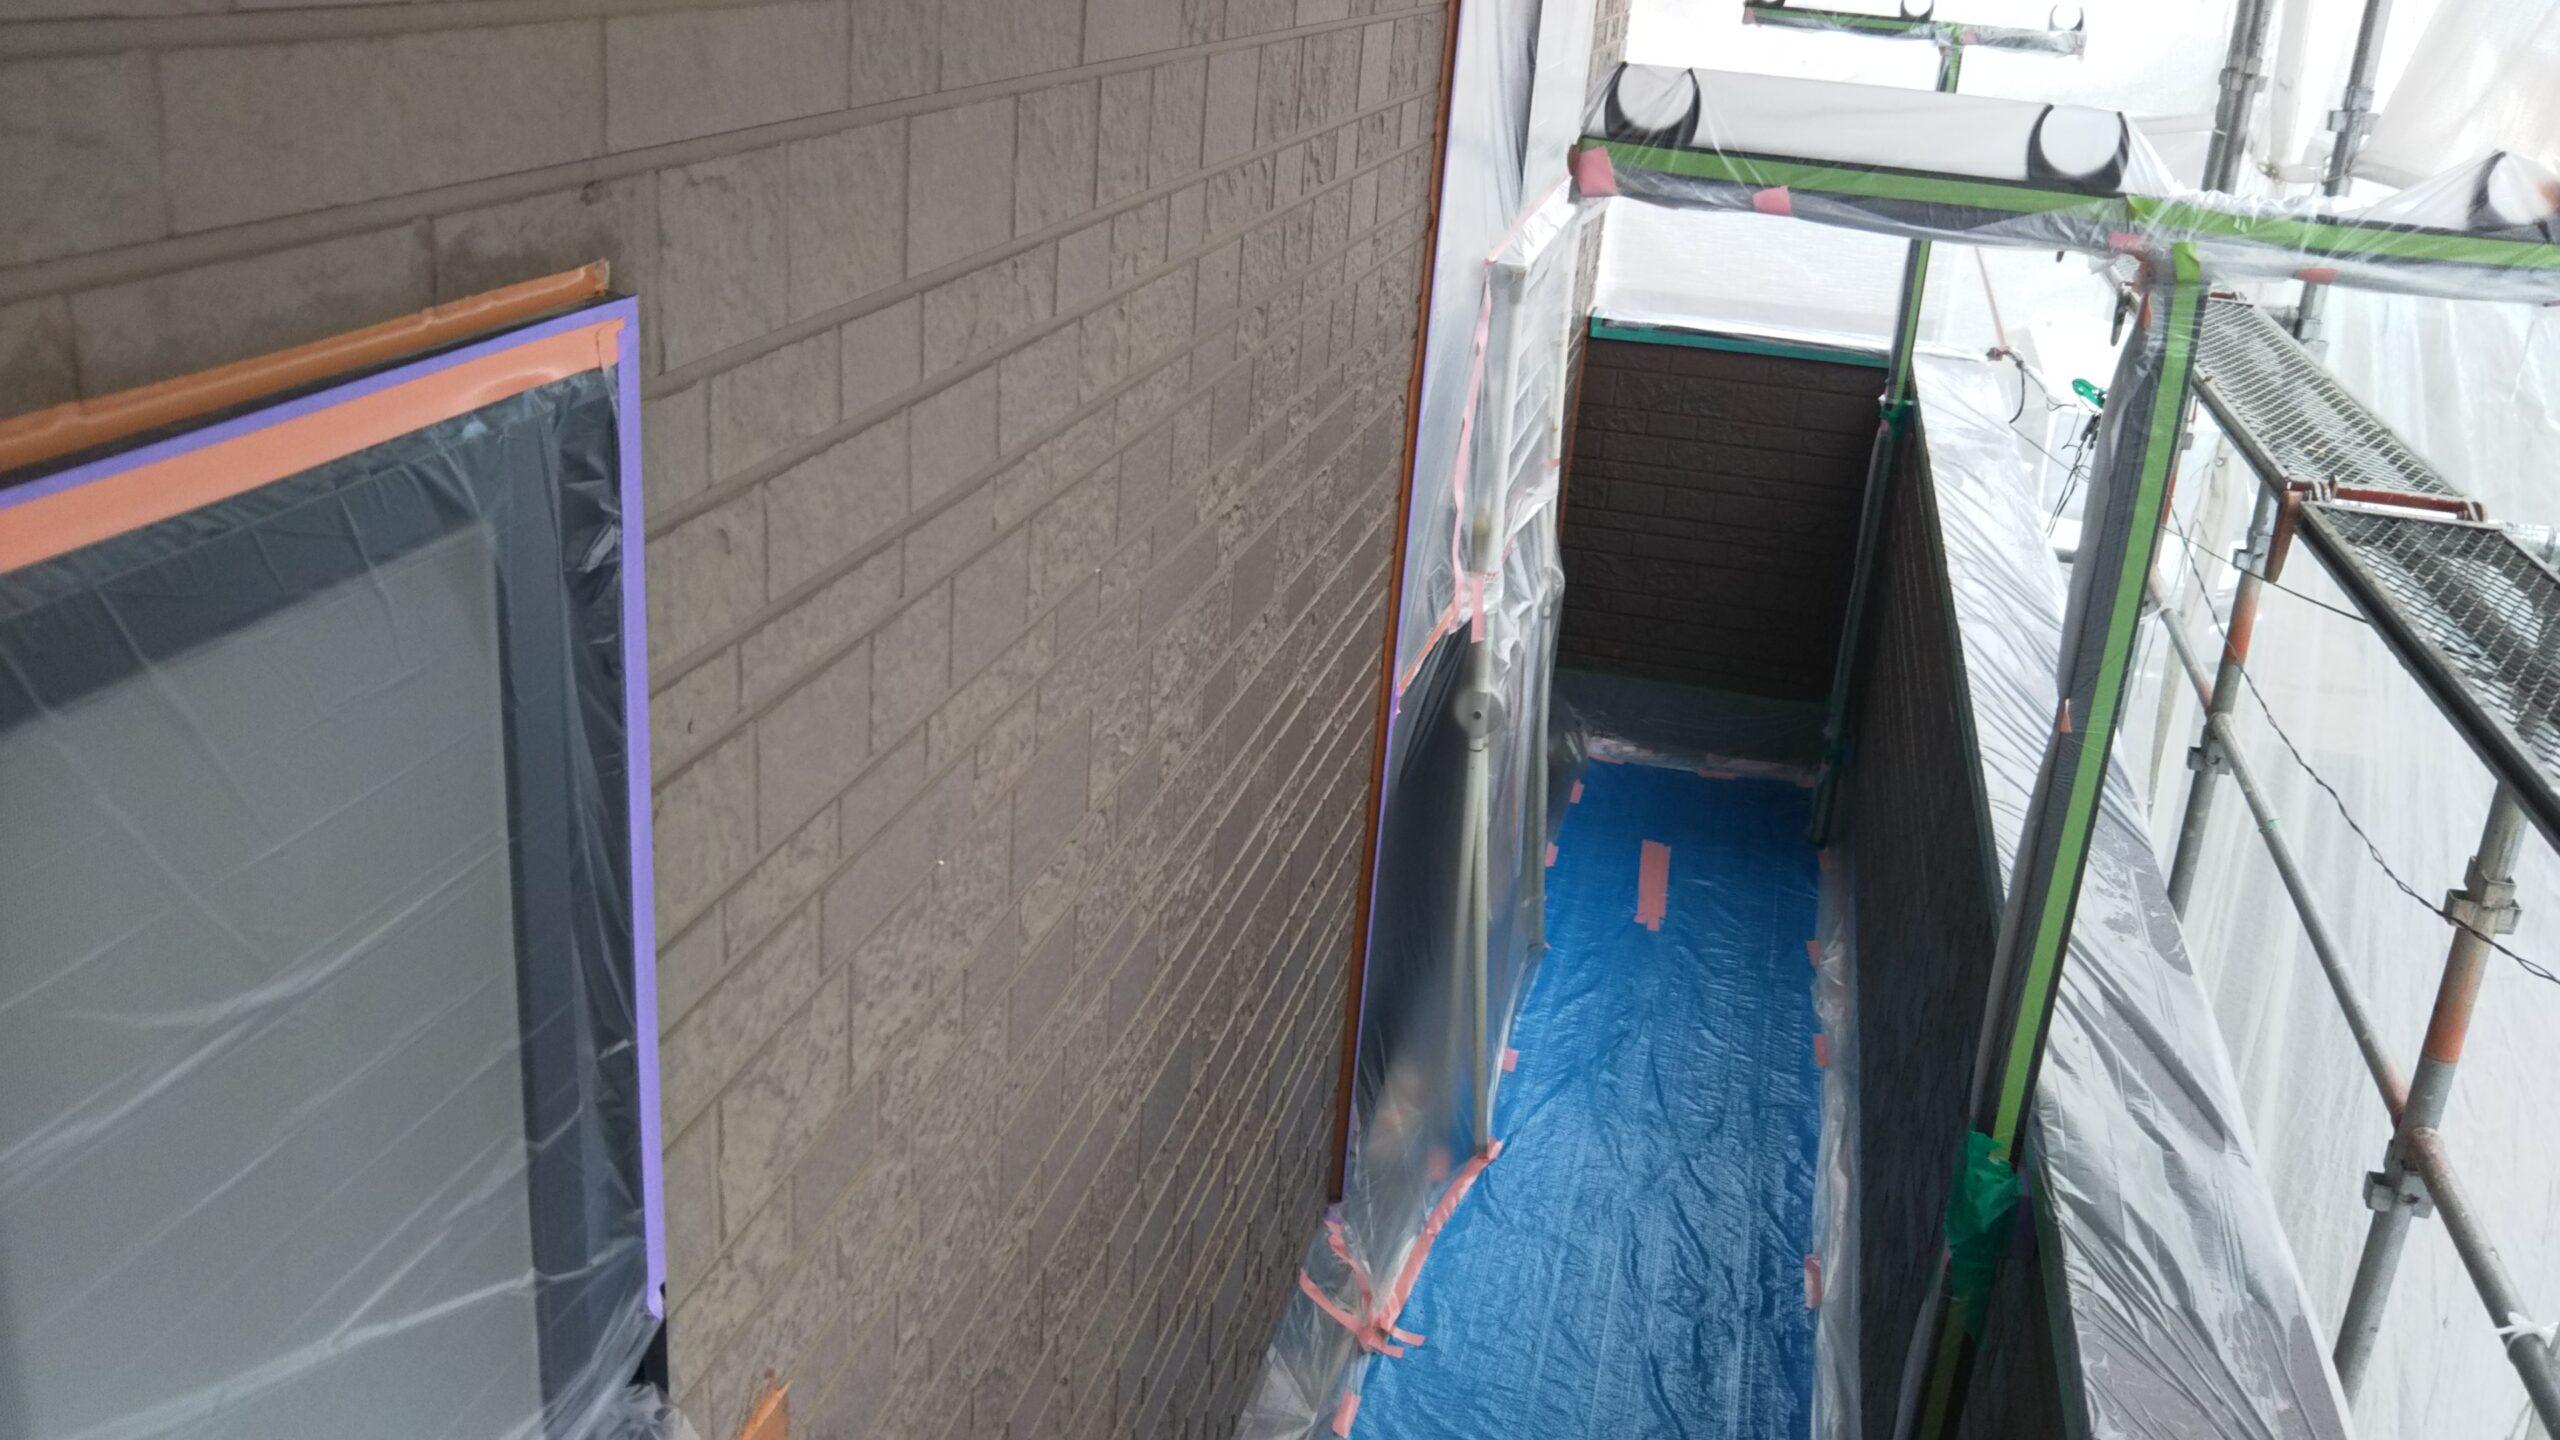 埼玉県さいたま市中央区のK様邸(木造3階建て)にて塗り替え塗装中 雨のため塗装作業を中断